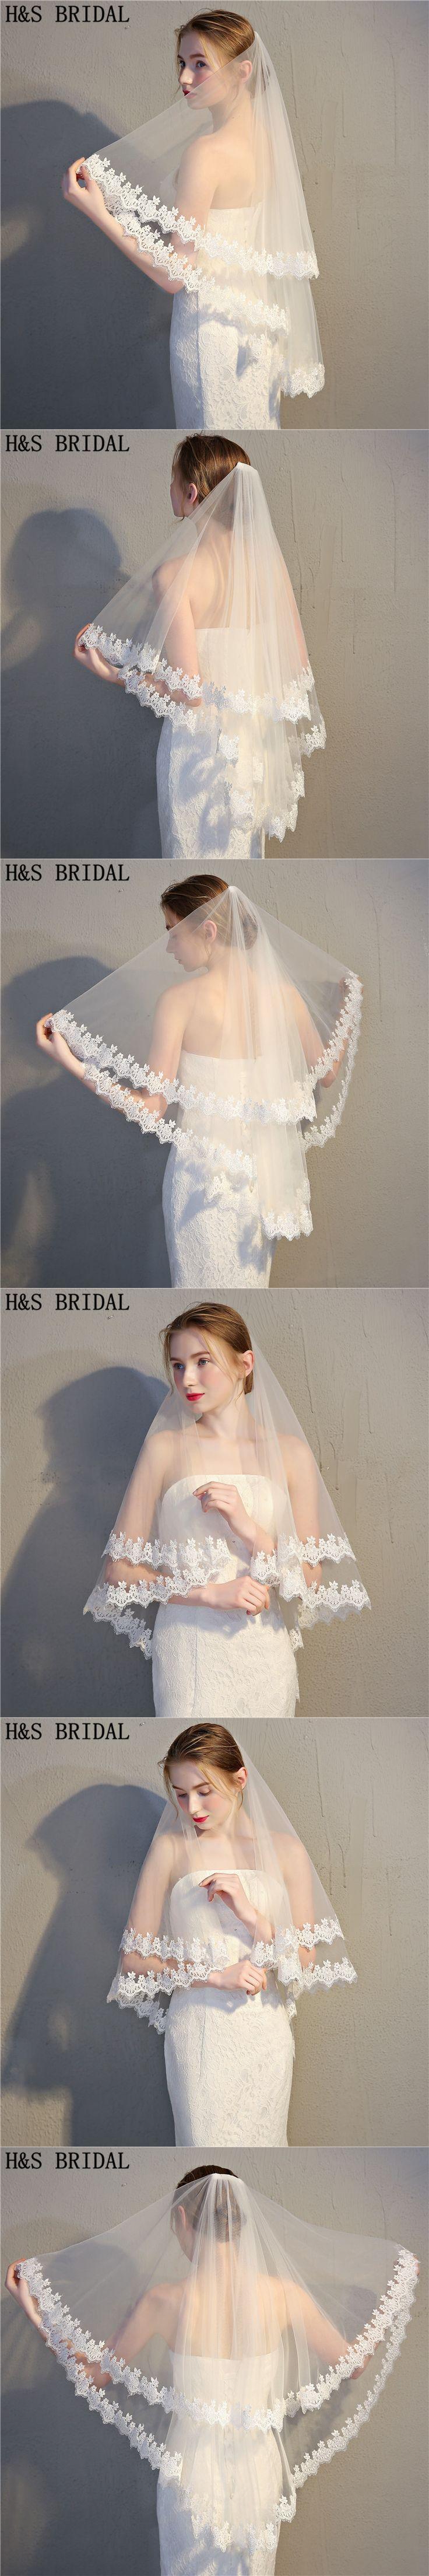 H&S Bridal 2018 Cheap Voile Marriage Short Veil two Layers lace edge ivory Wedding Veil Bridal Veil Veu de Noiva velos de novia